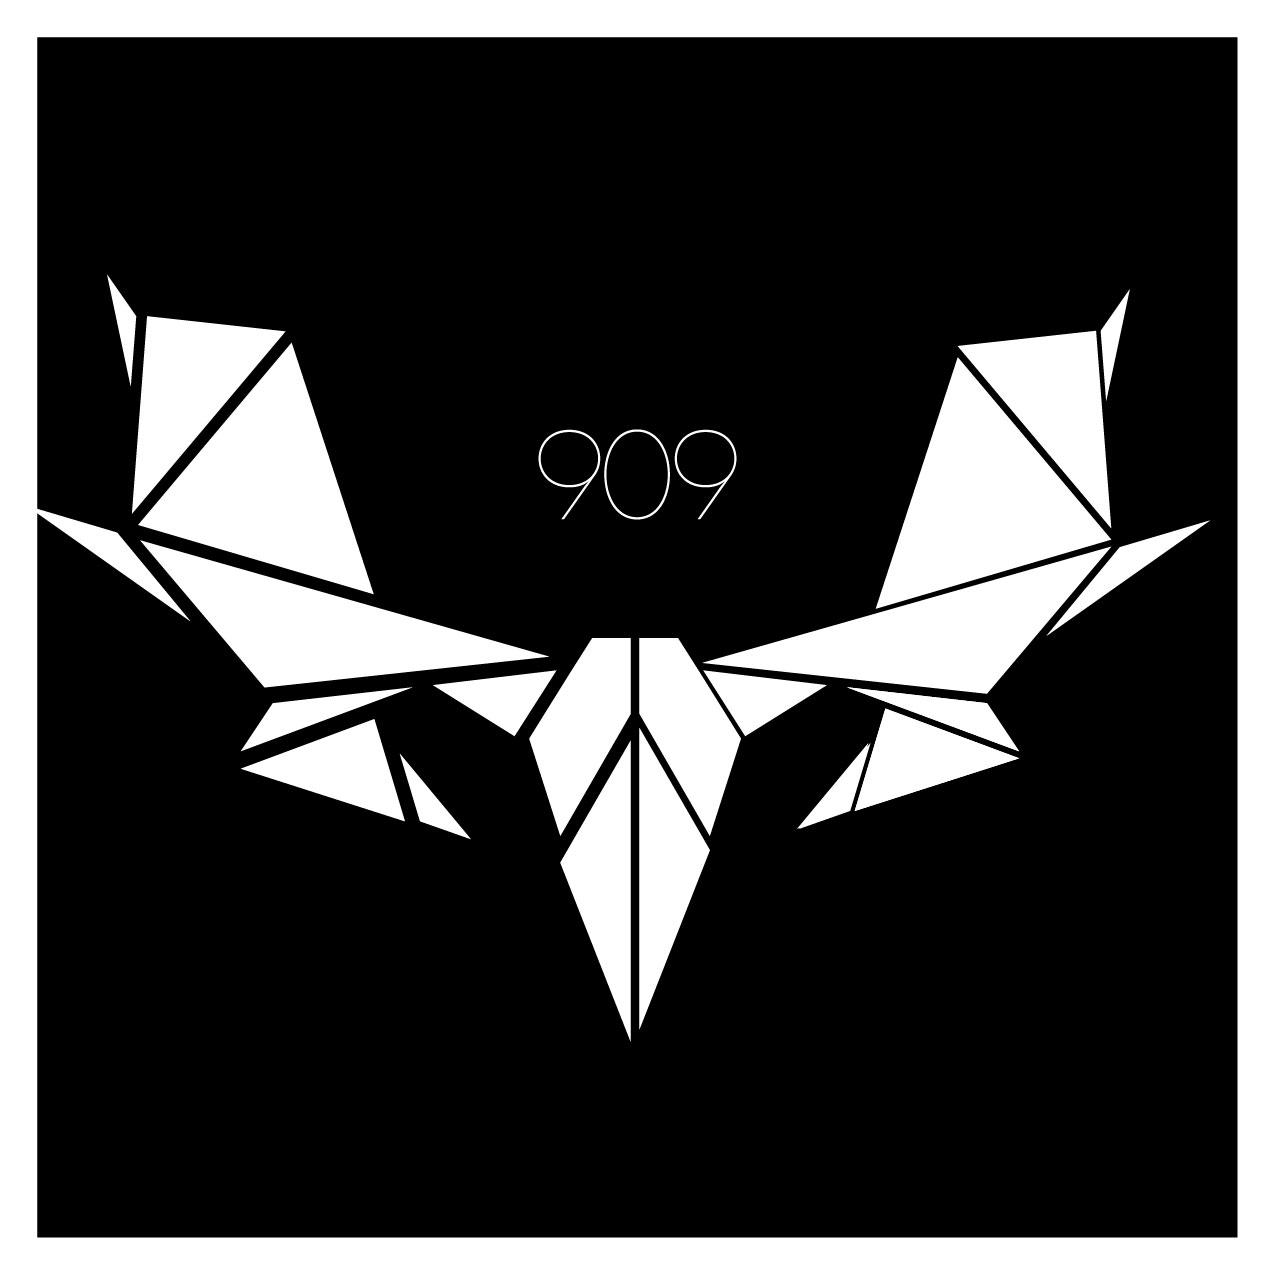 909 moose updated 6-13-15-01.jpg